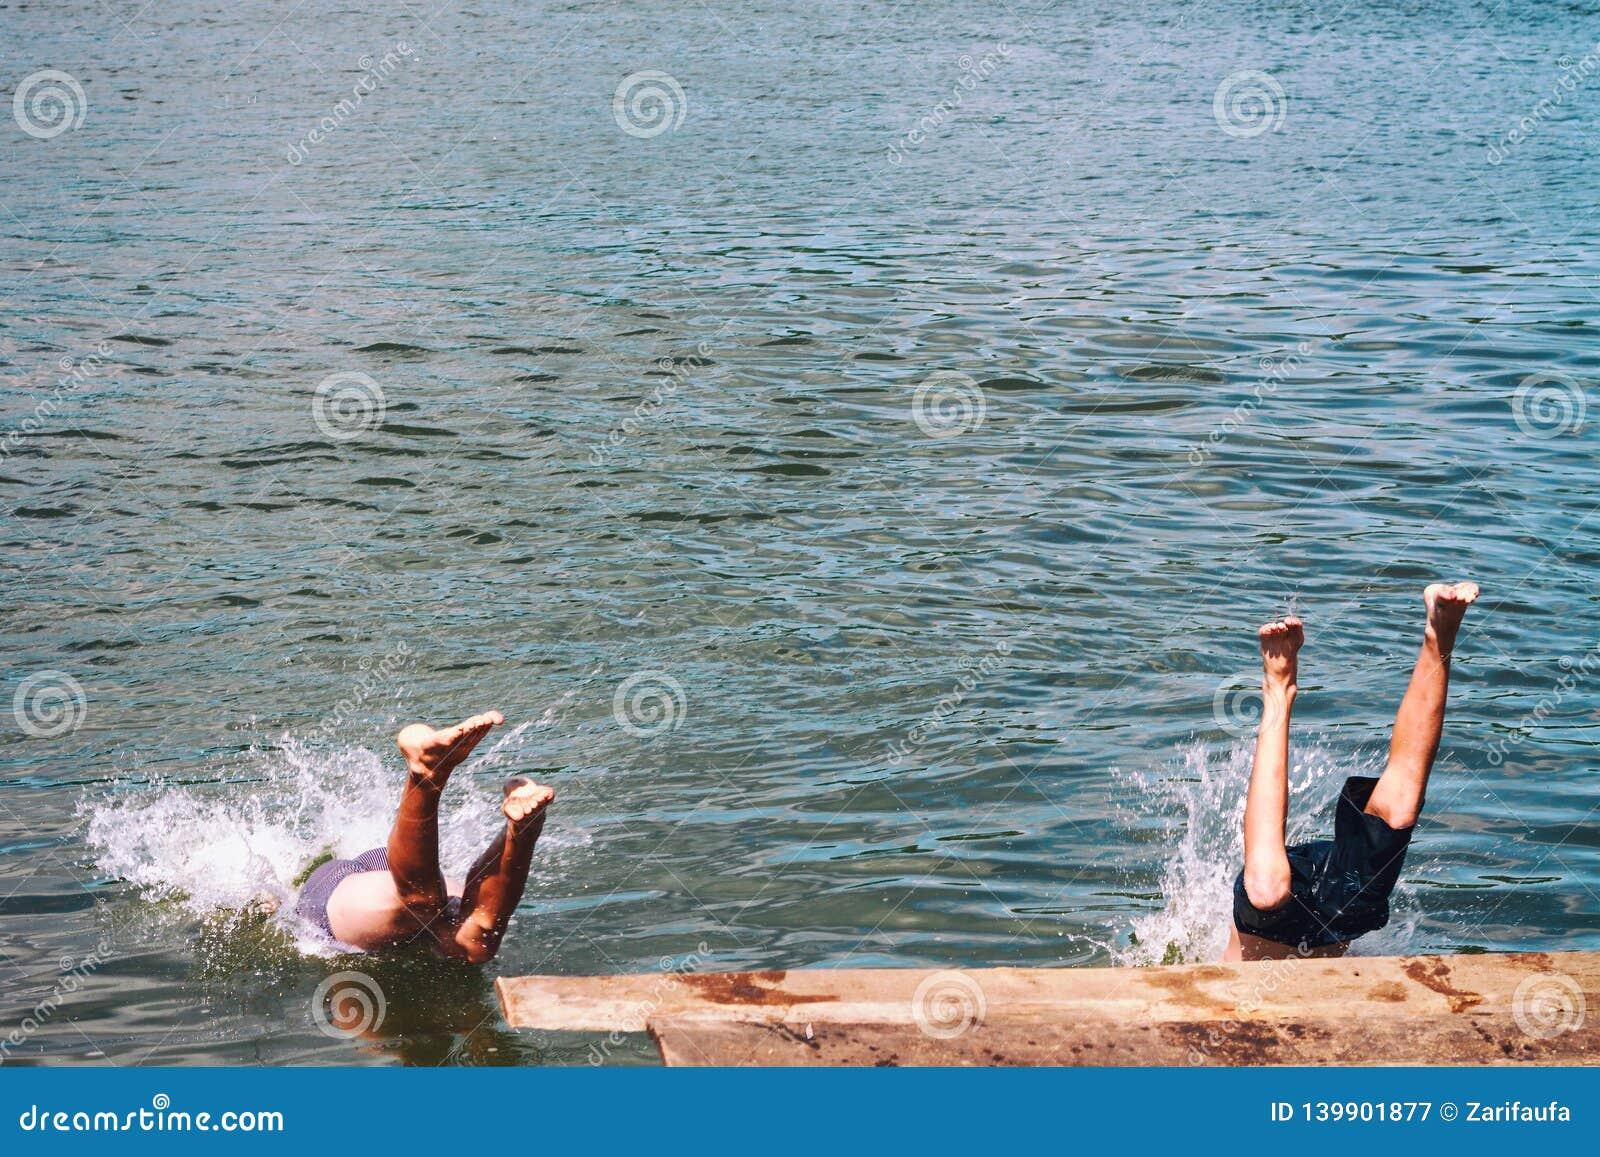 Люди скача с деревянной пристани, ноги брызгая на входе для того чтобы намочить